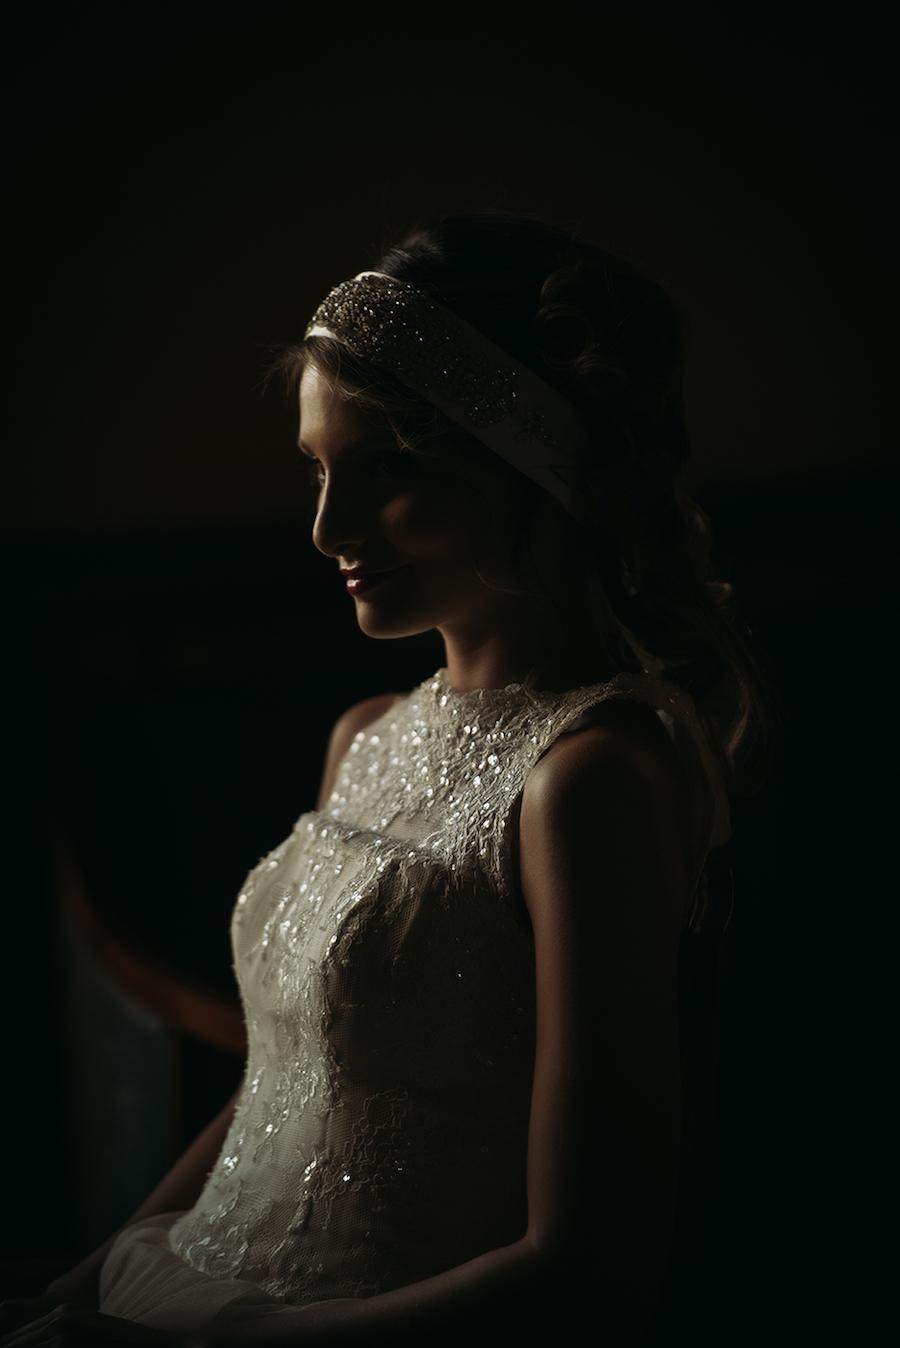 matrimonio-chic-e-raffinato-gradisca-portento-03